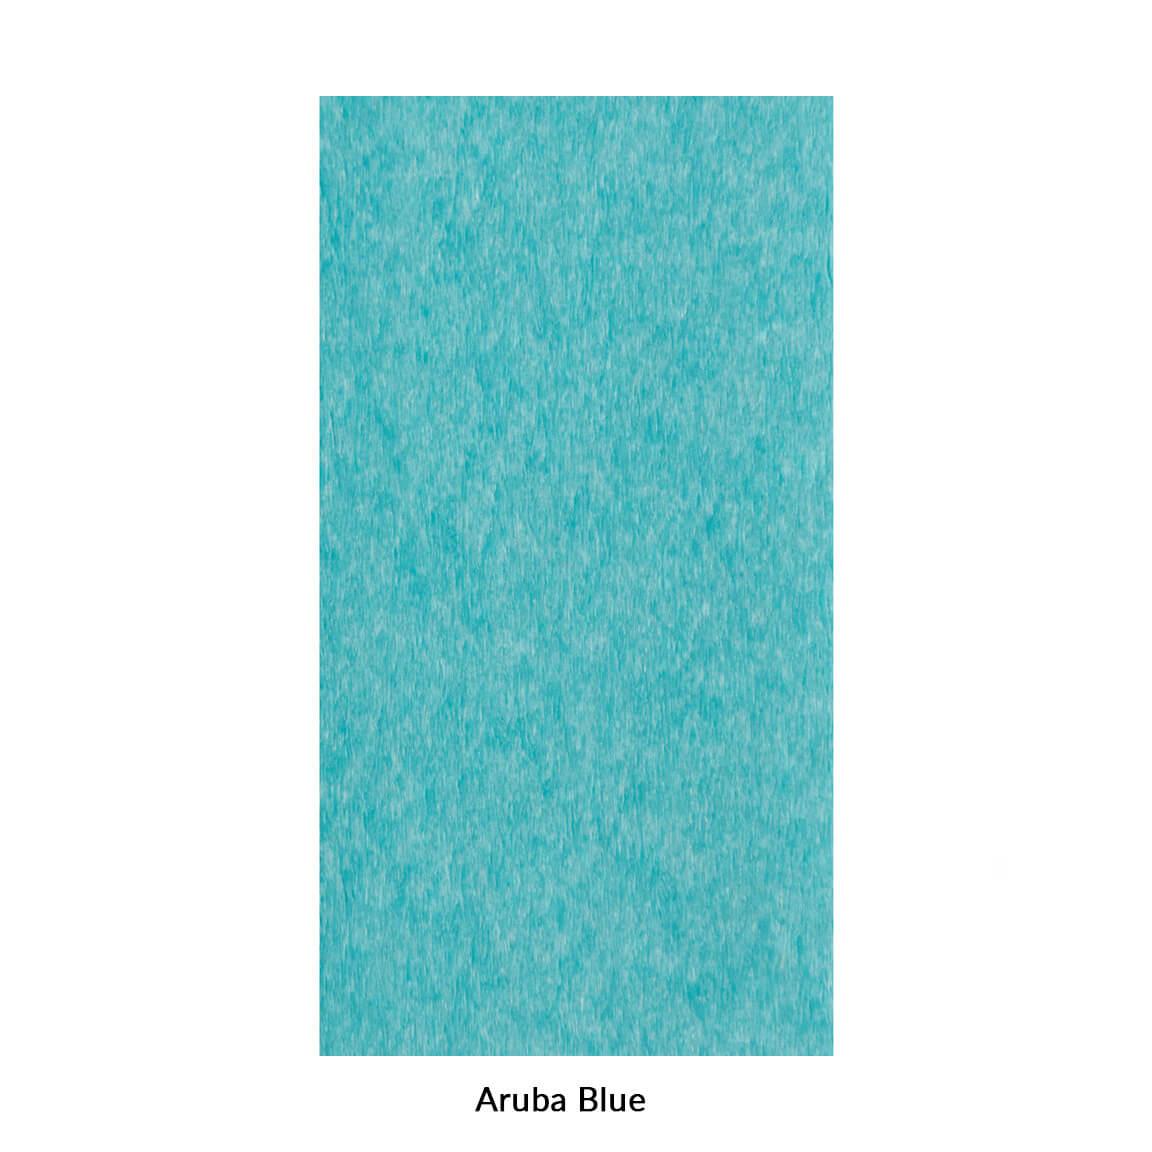 17.-aruba-blue.jpg